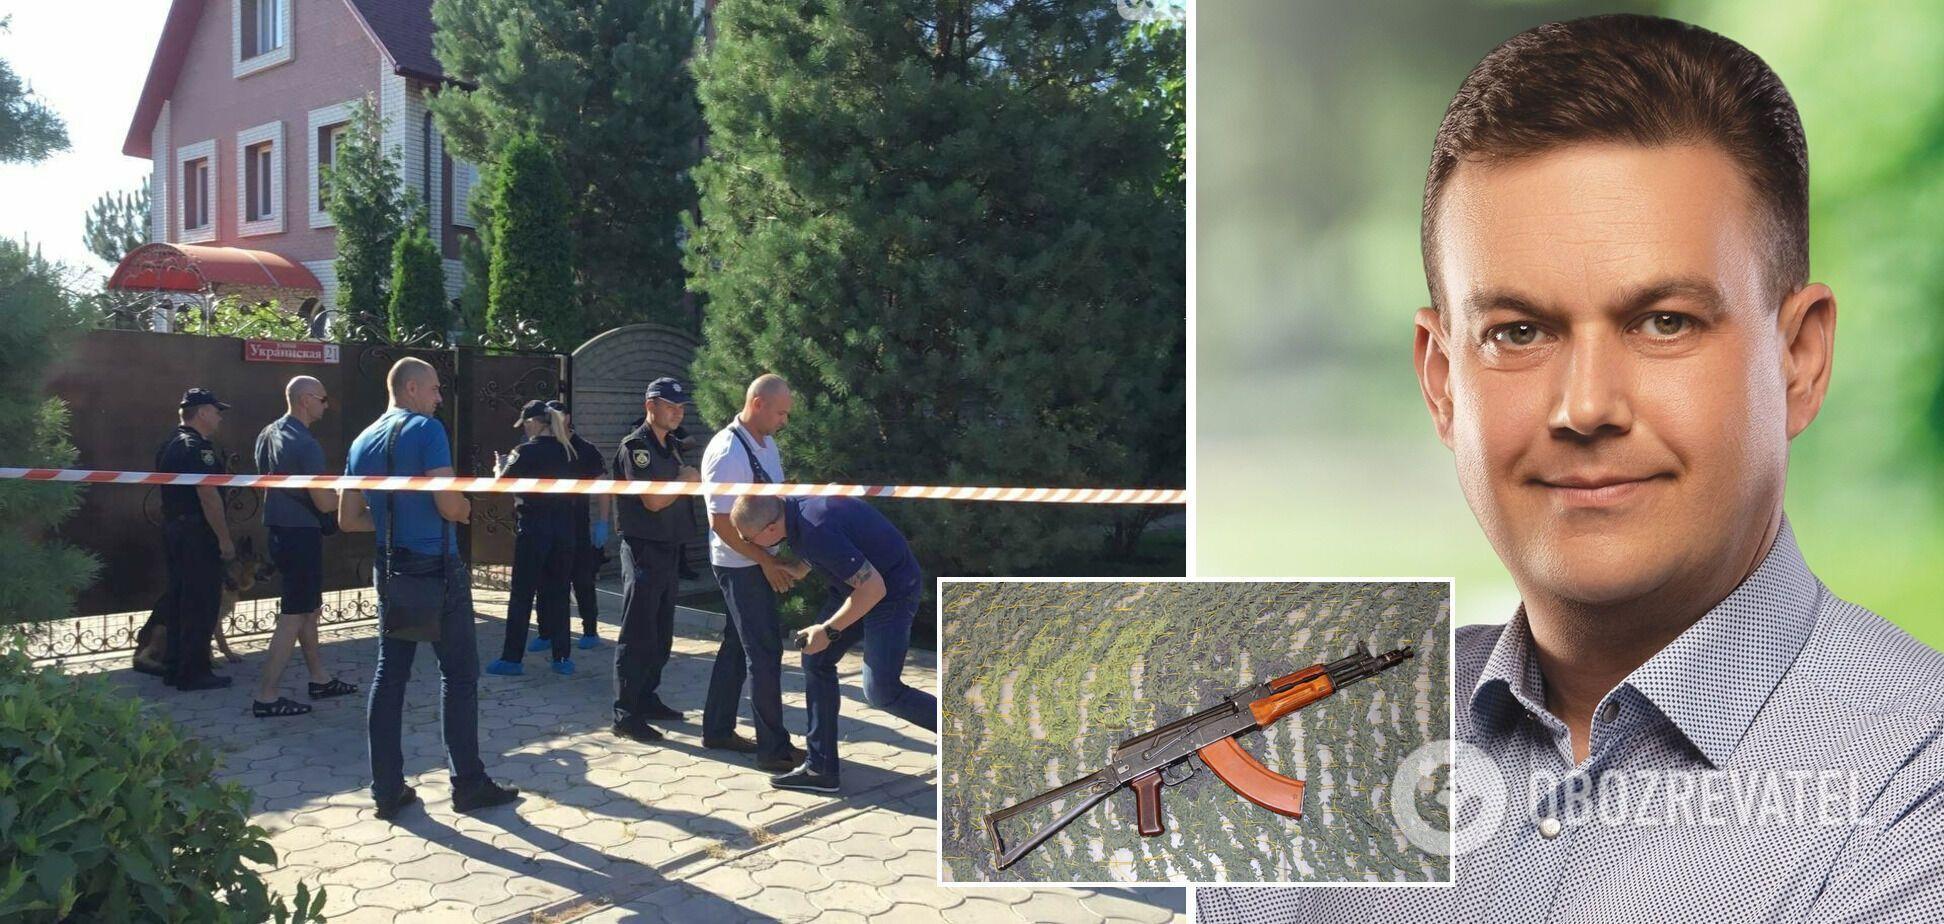 Костянтина Павлова було знайдено мертвим 15 серпня